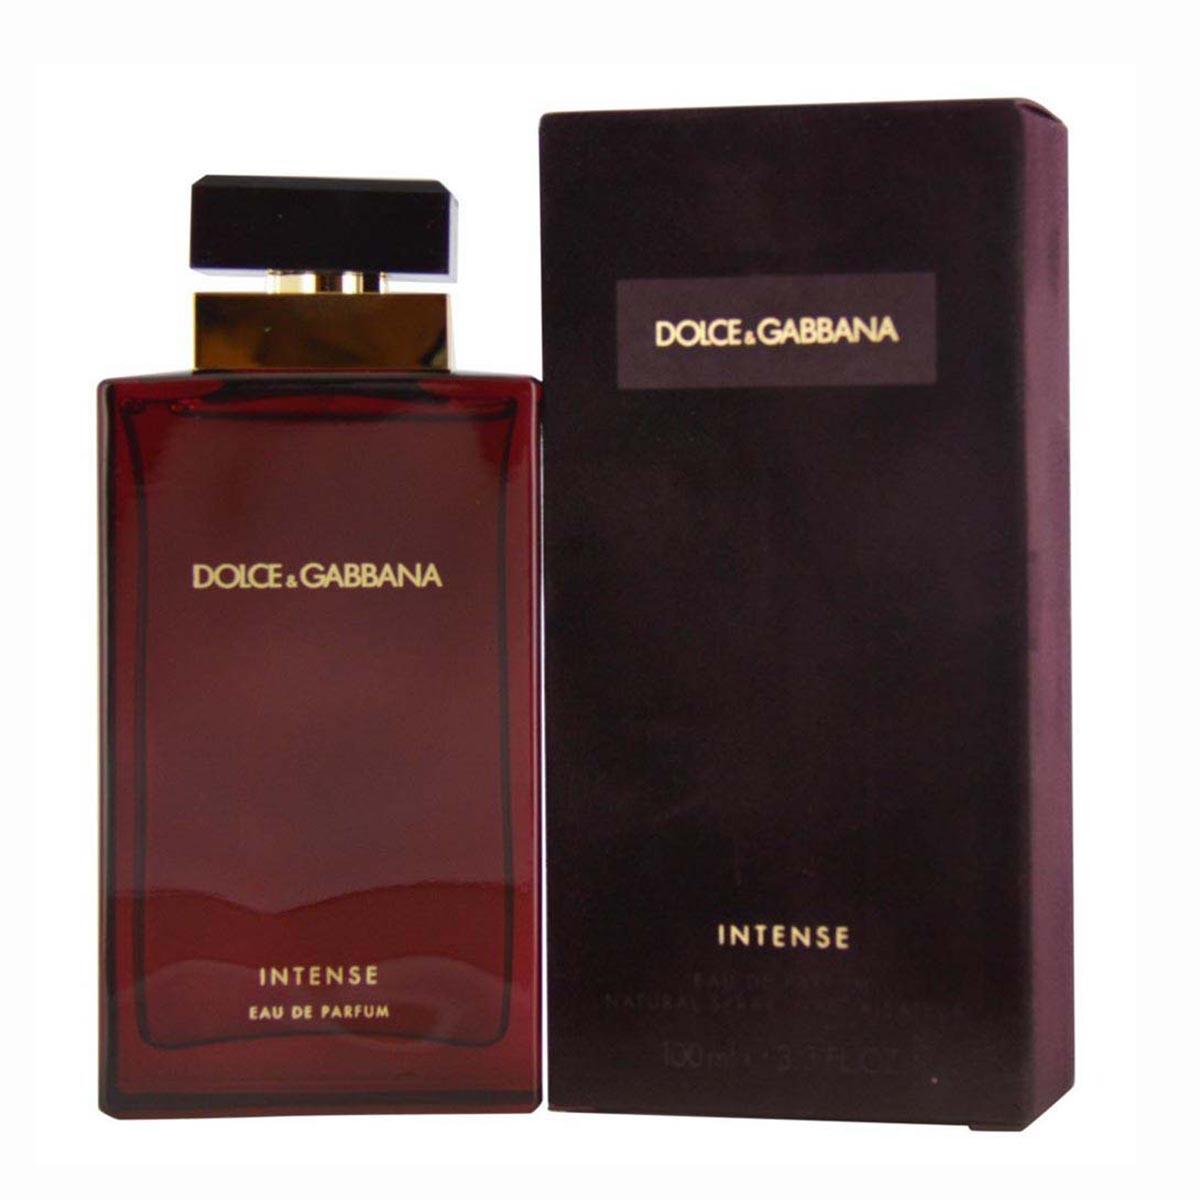 Dolce gabbana femme intense eau de parfum 25ml vaporizador